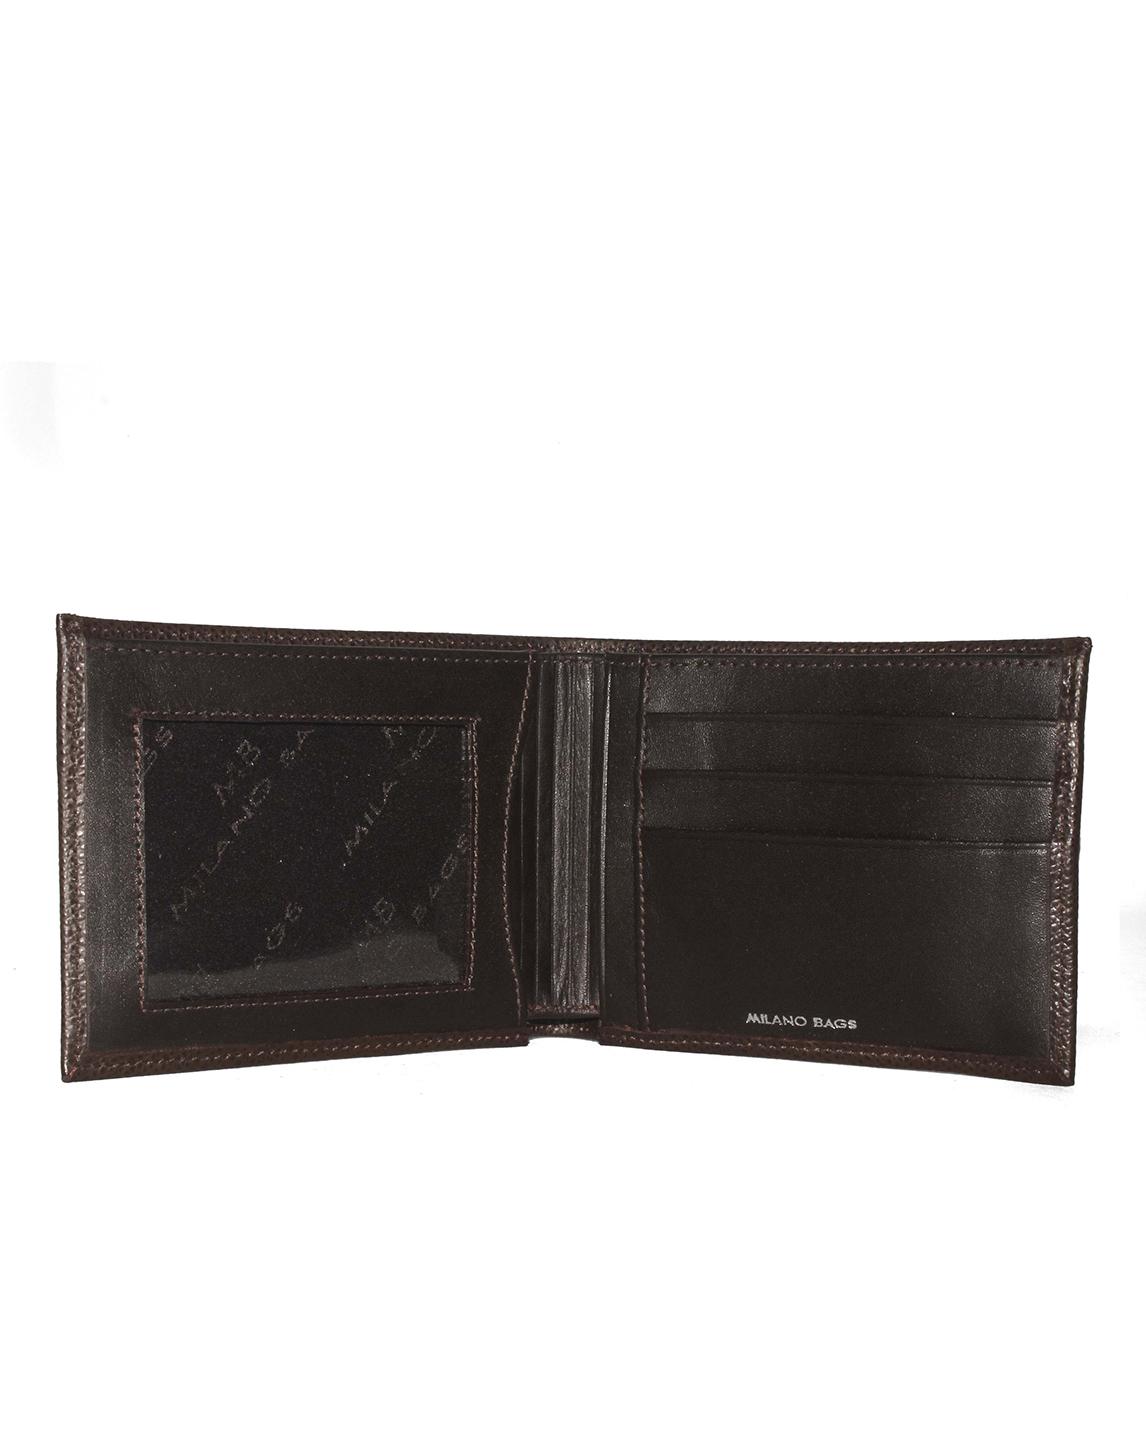 Billetera de Hombre BH-86 Color Marron